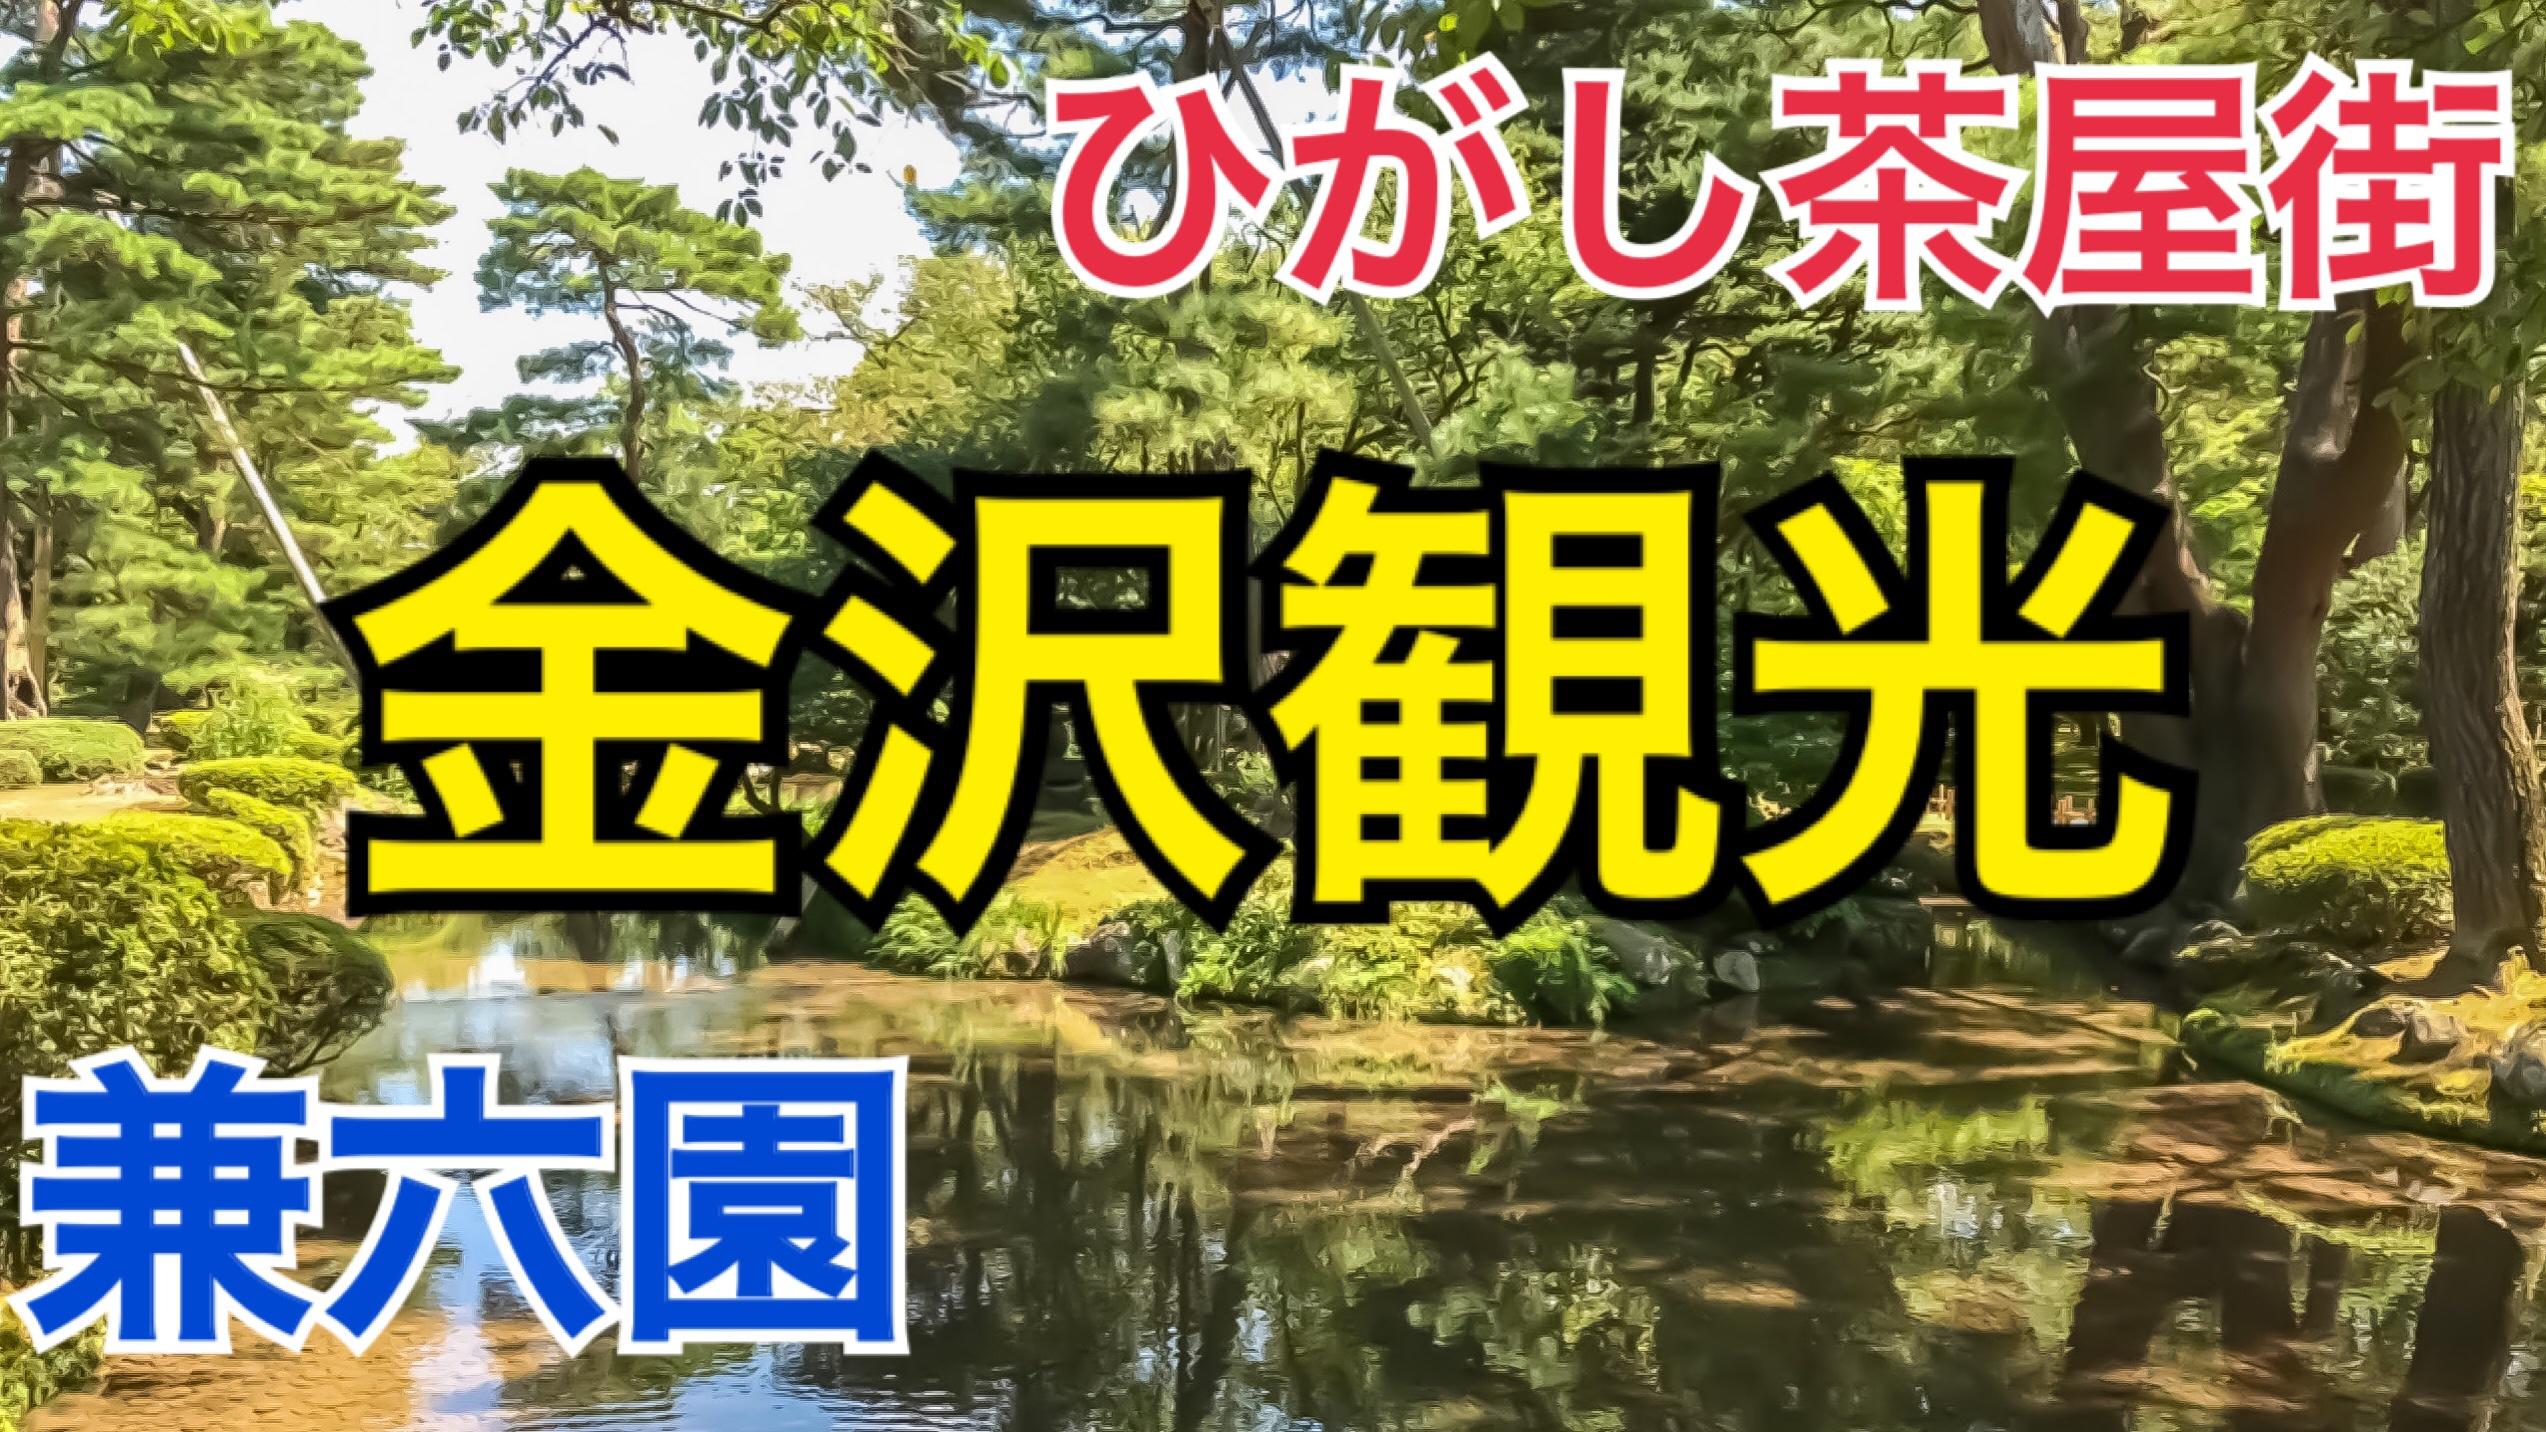 初めての金沢観光モデルコース!暑すぎる!夏の金沢は暑いけど、綺麗!【北陸プチ旅行】